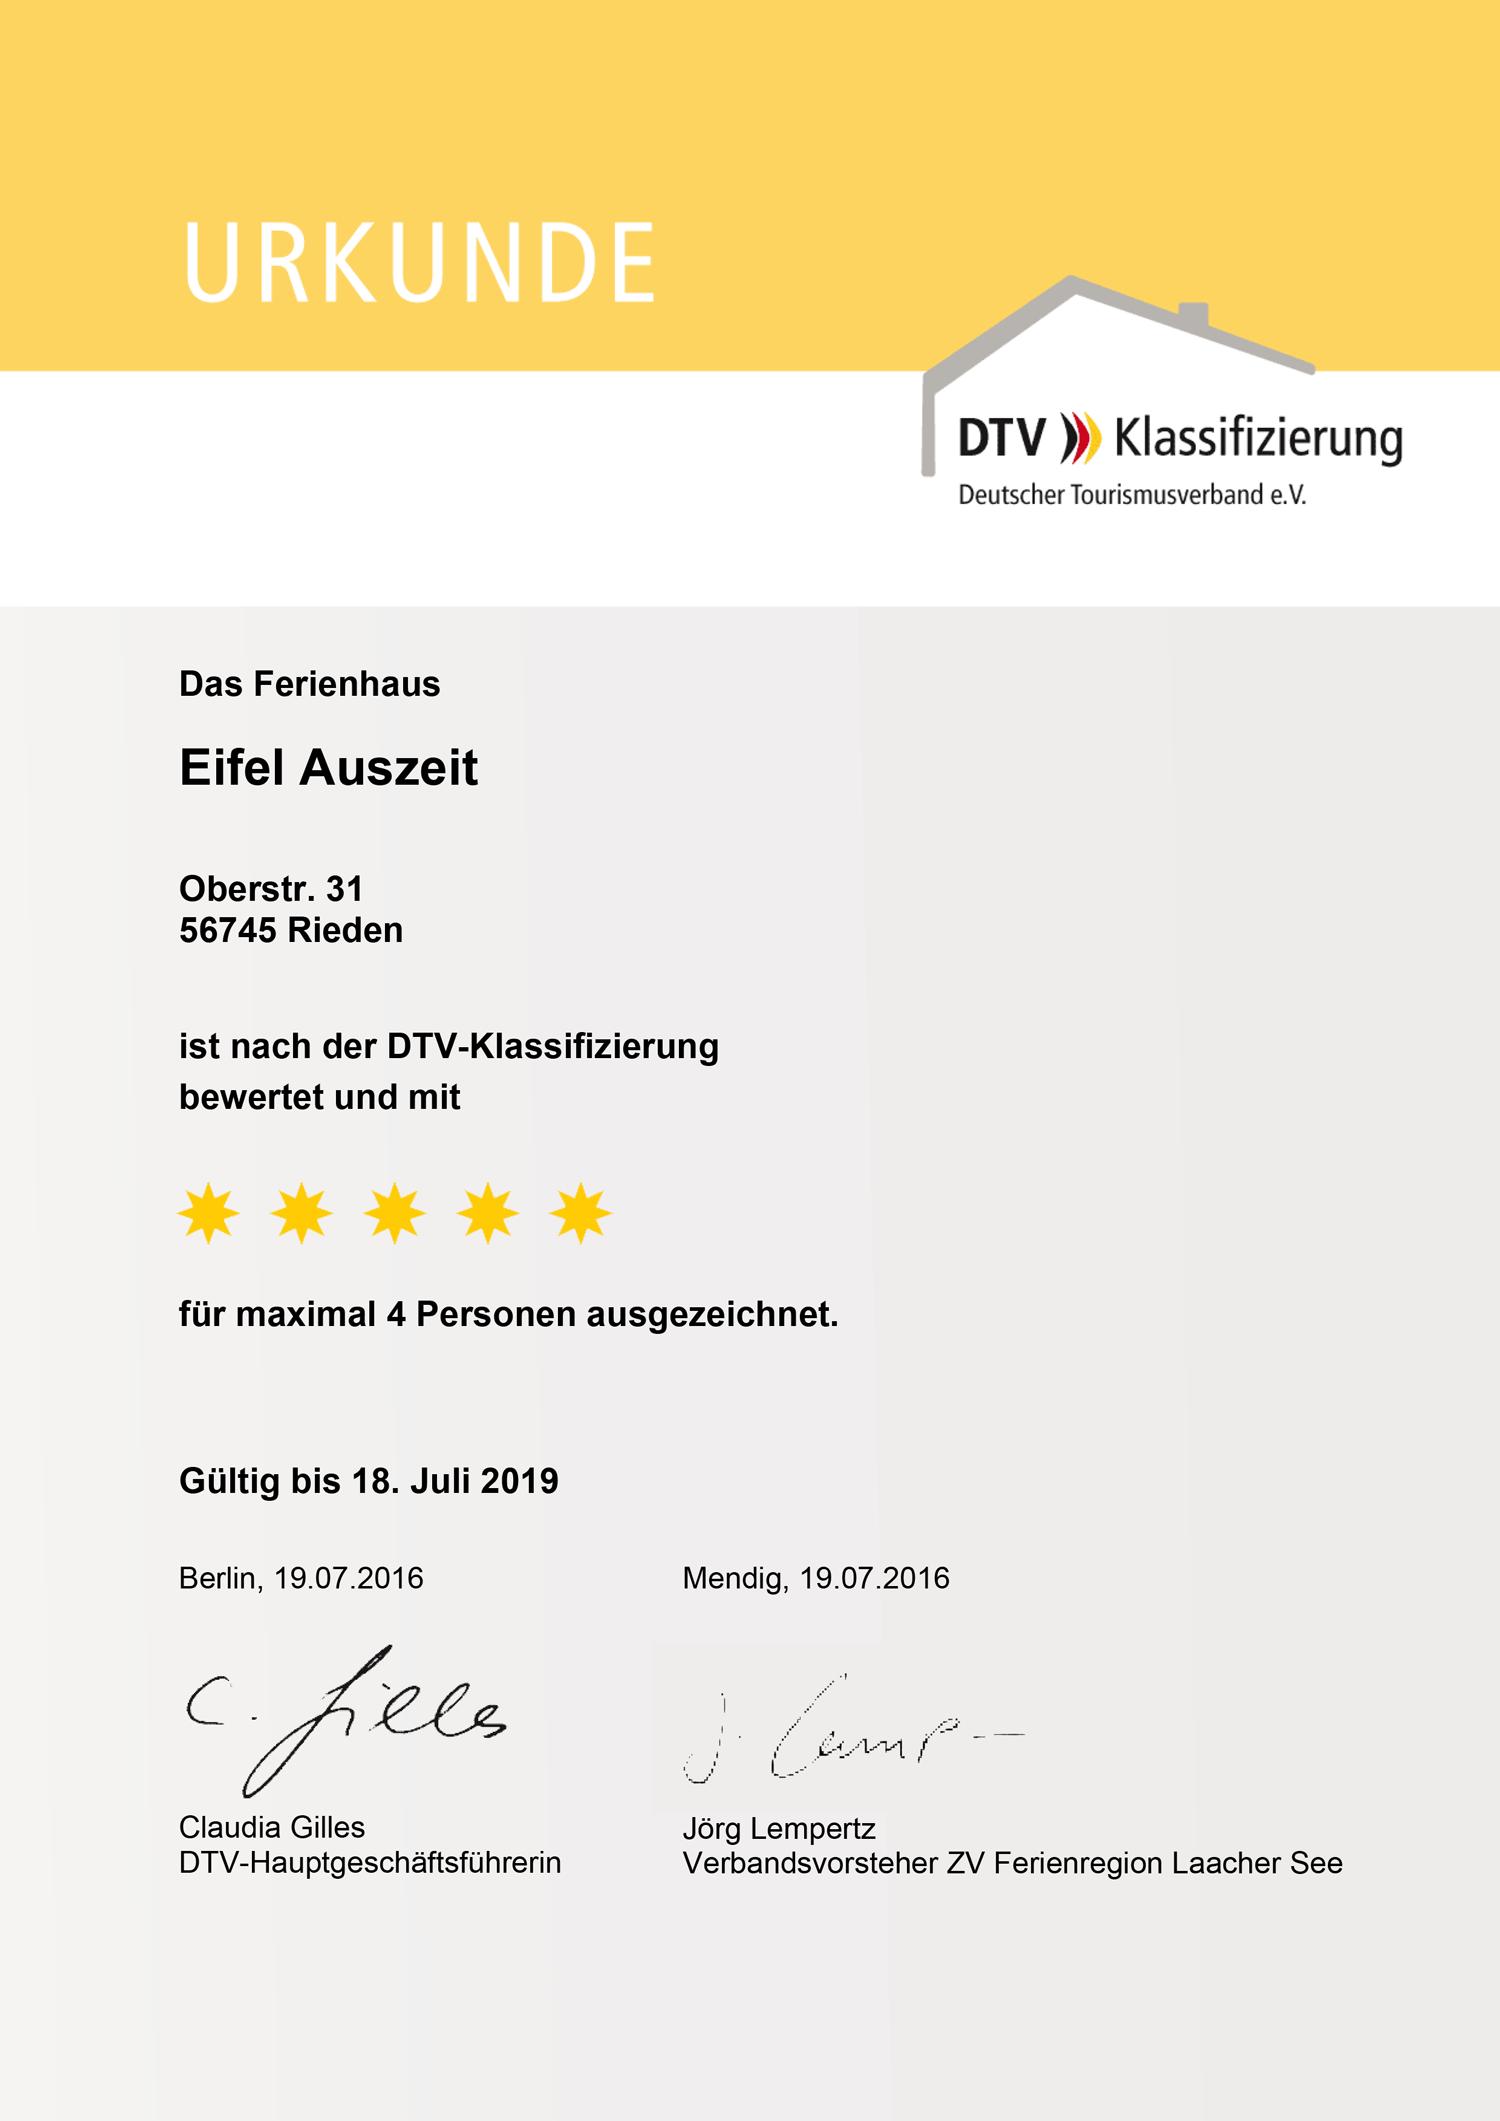 DTV-Urkunde2016